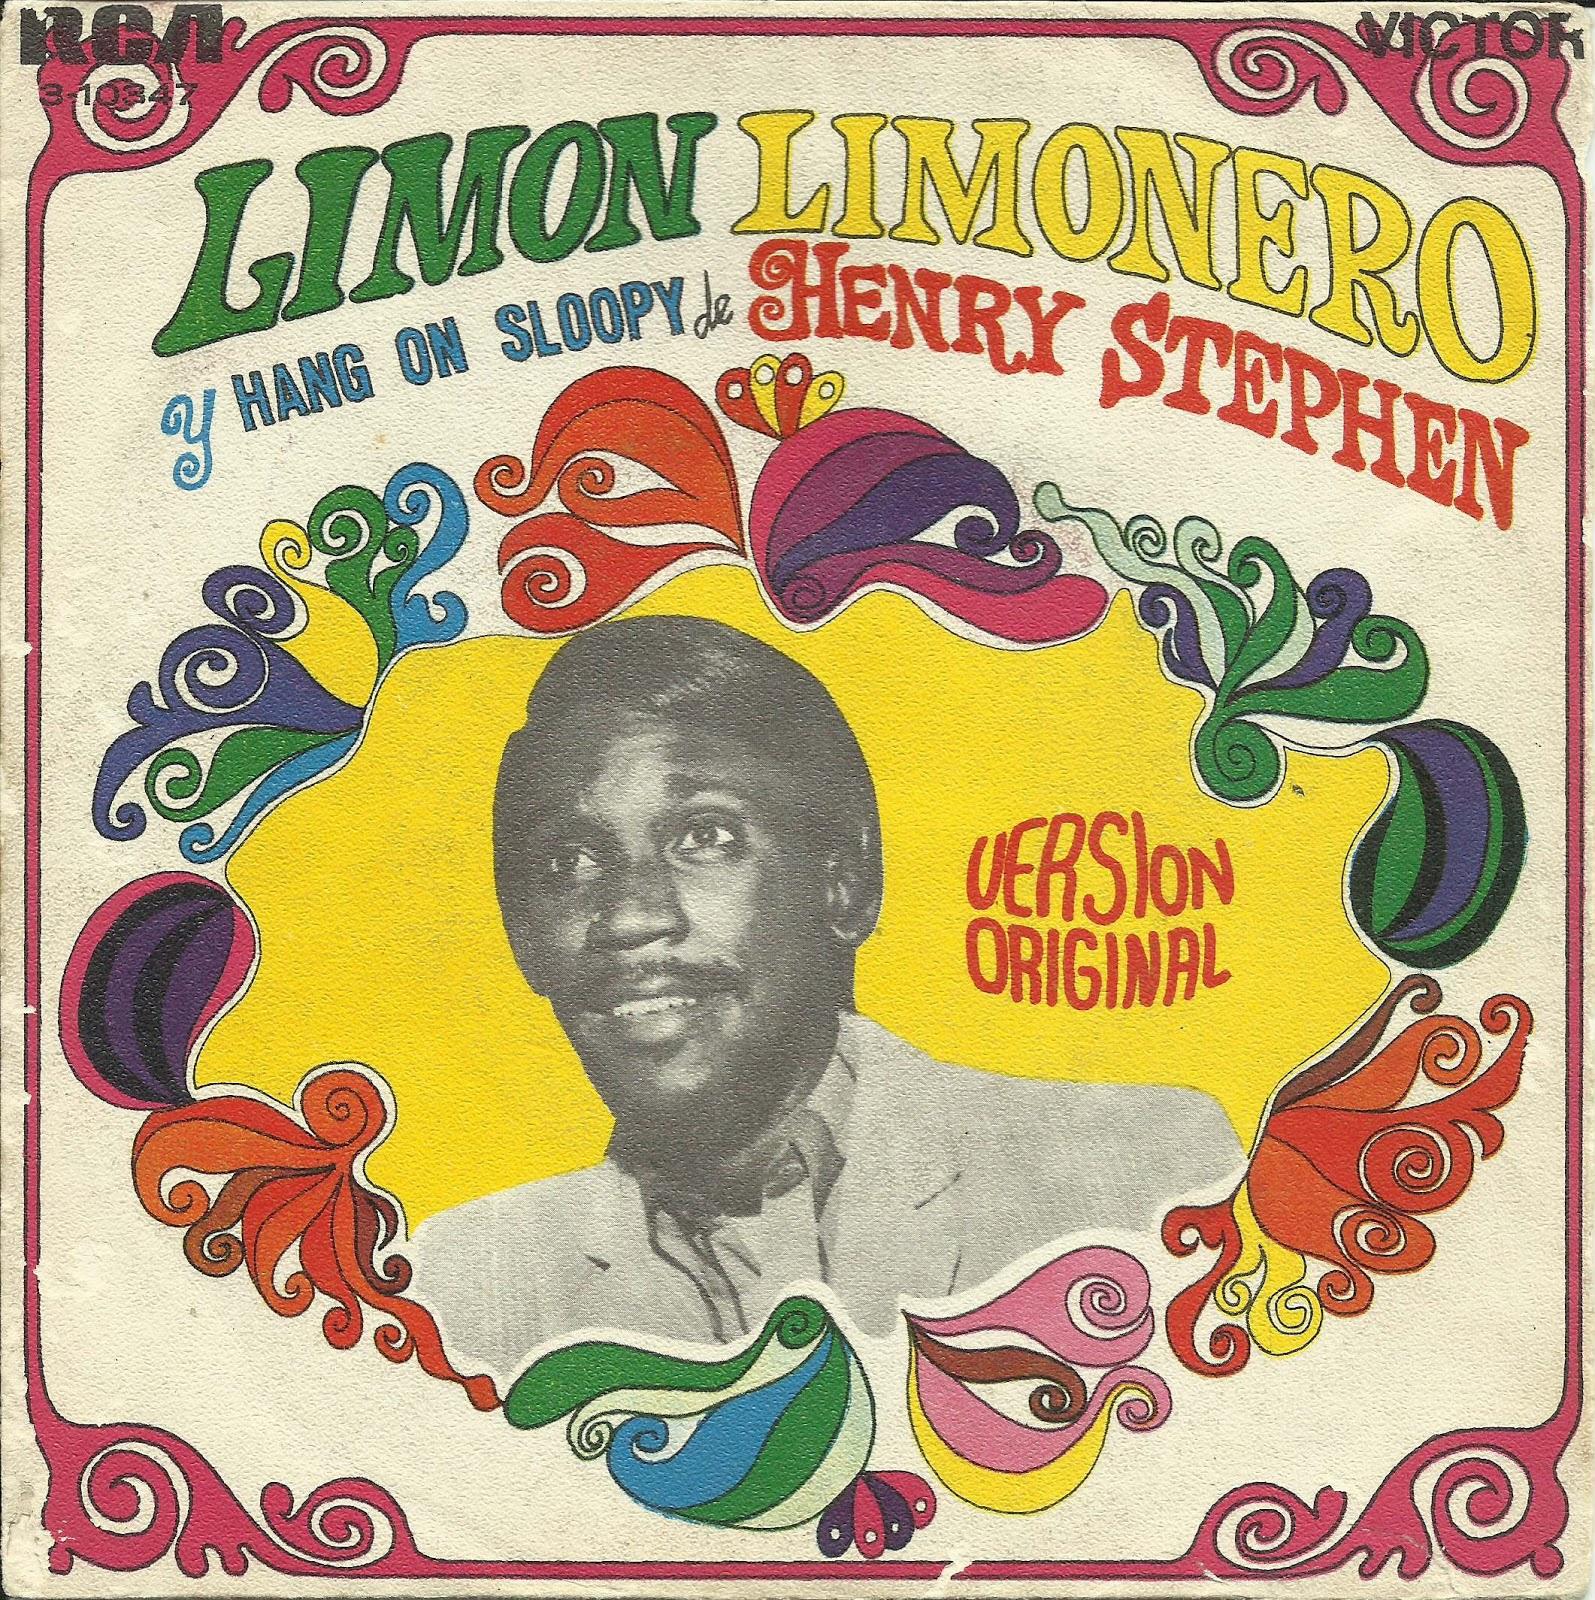 http://1.bp.blogspot.com/-RaK1G2J8wcA/UI1FJkJD9mI/AAAAAAAABL4/Kt_J2uXdcMM/s1600/HENRY+STEPHEN+Limon+Limonero+-+Hang+On+Sloopy.jpg